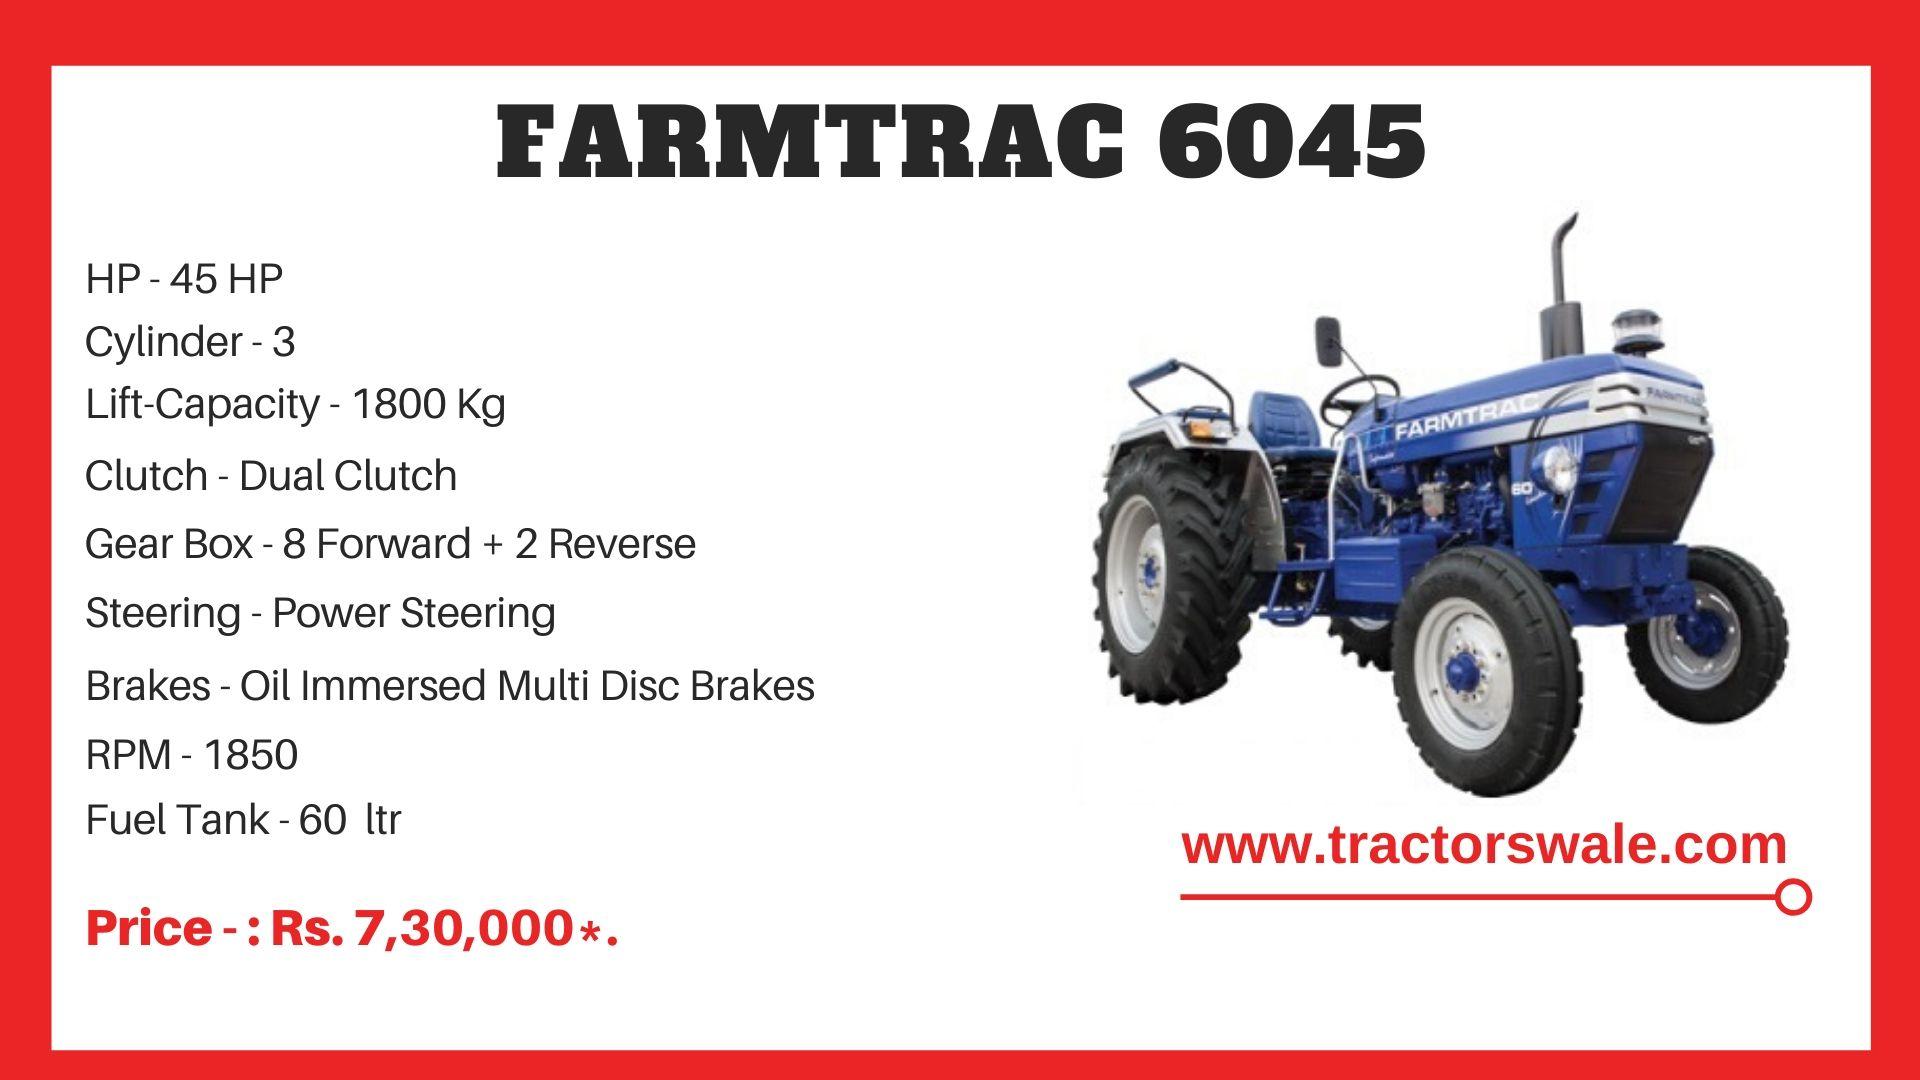 Farmtrac 6045 tractor price